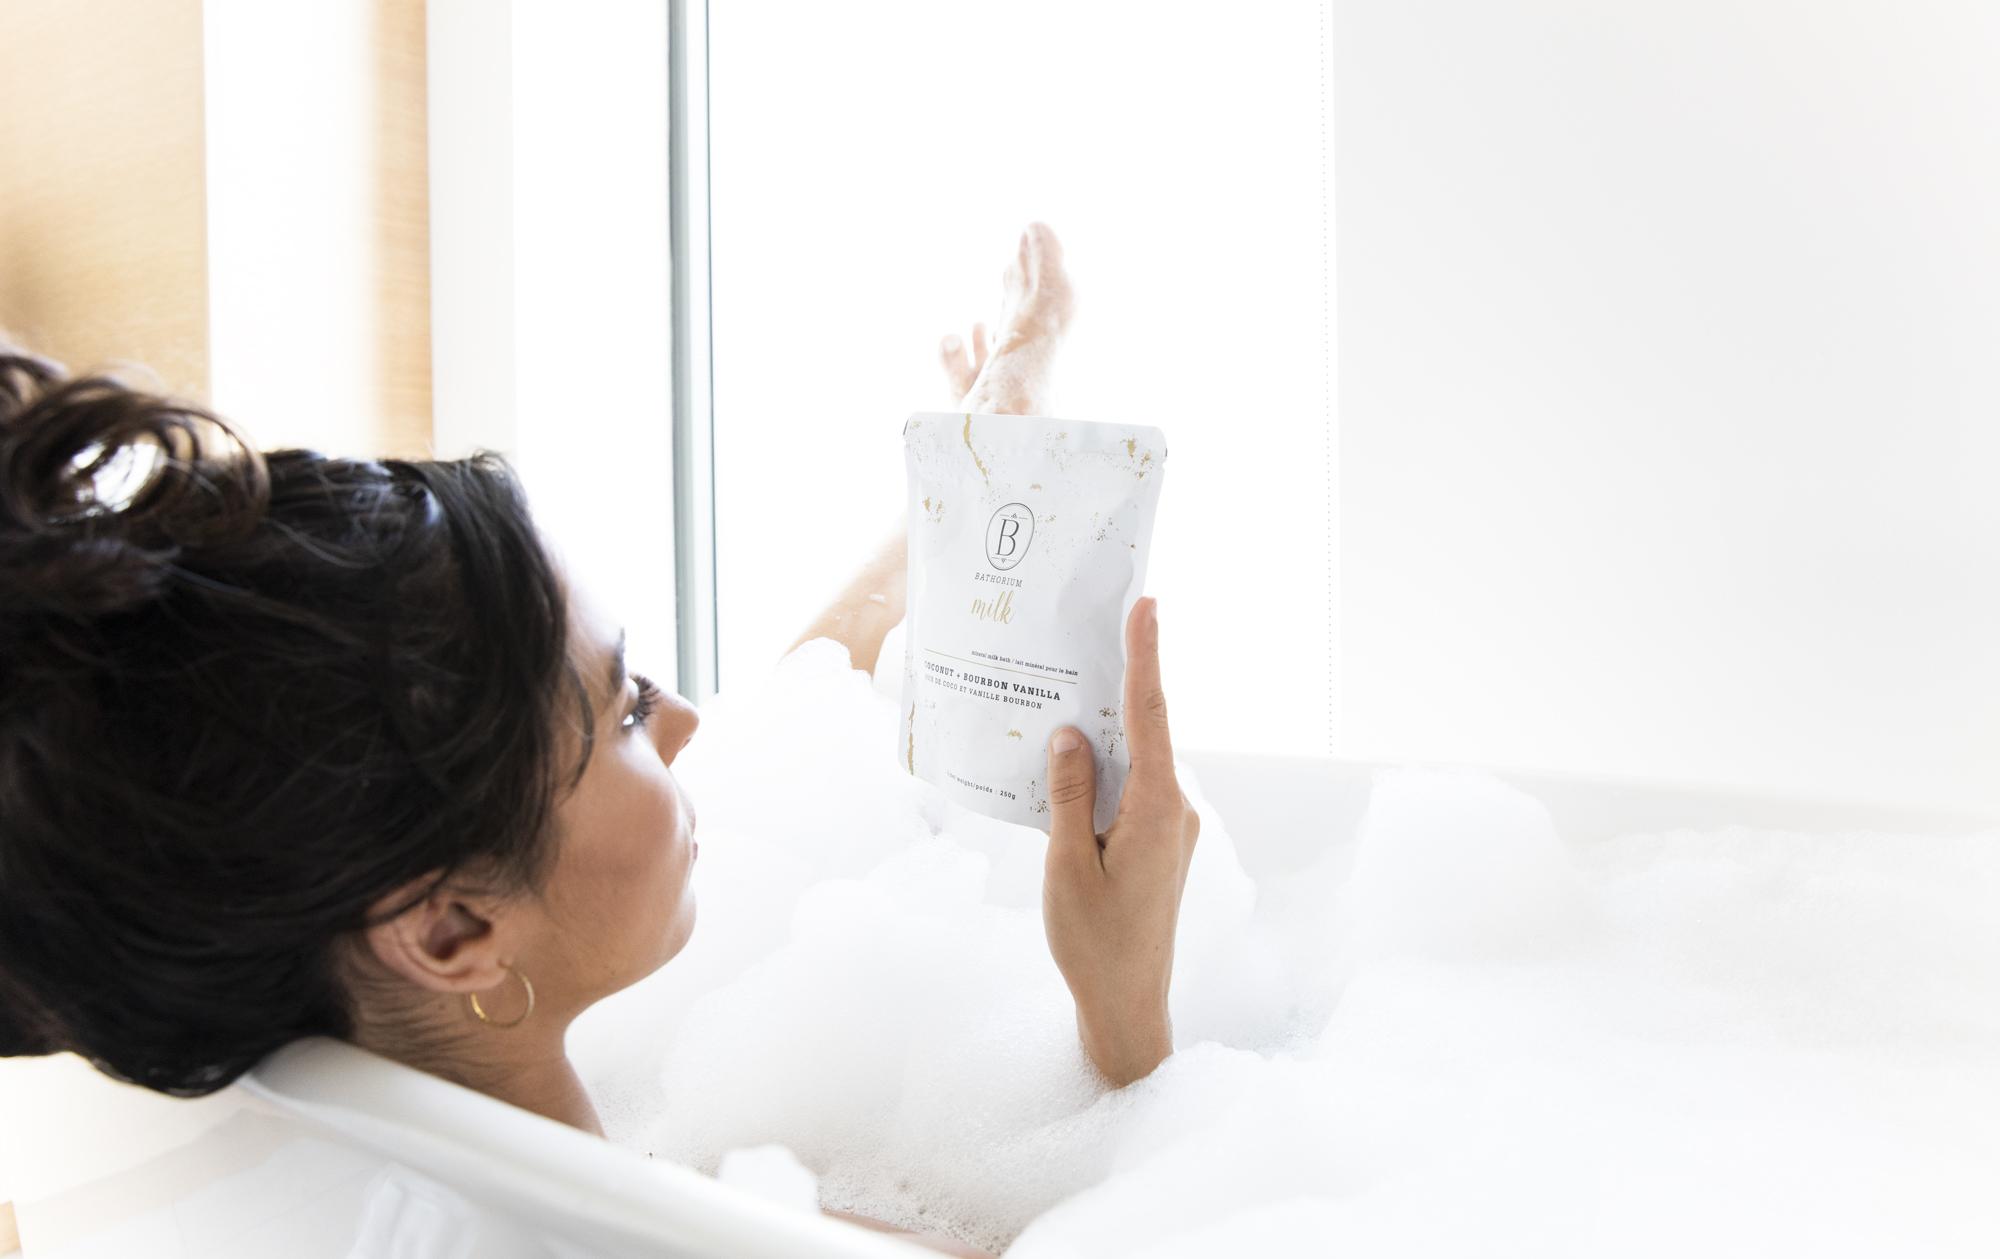 Woman in a tub holding a bag of Bathorium Milk bag